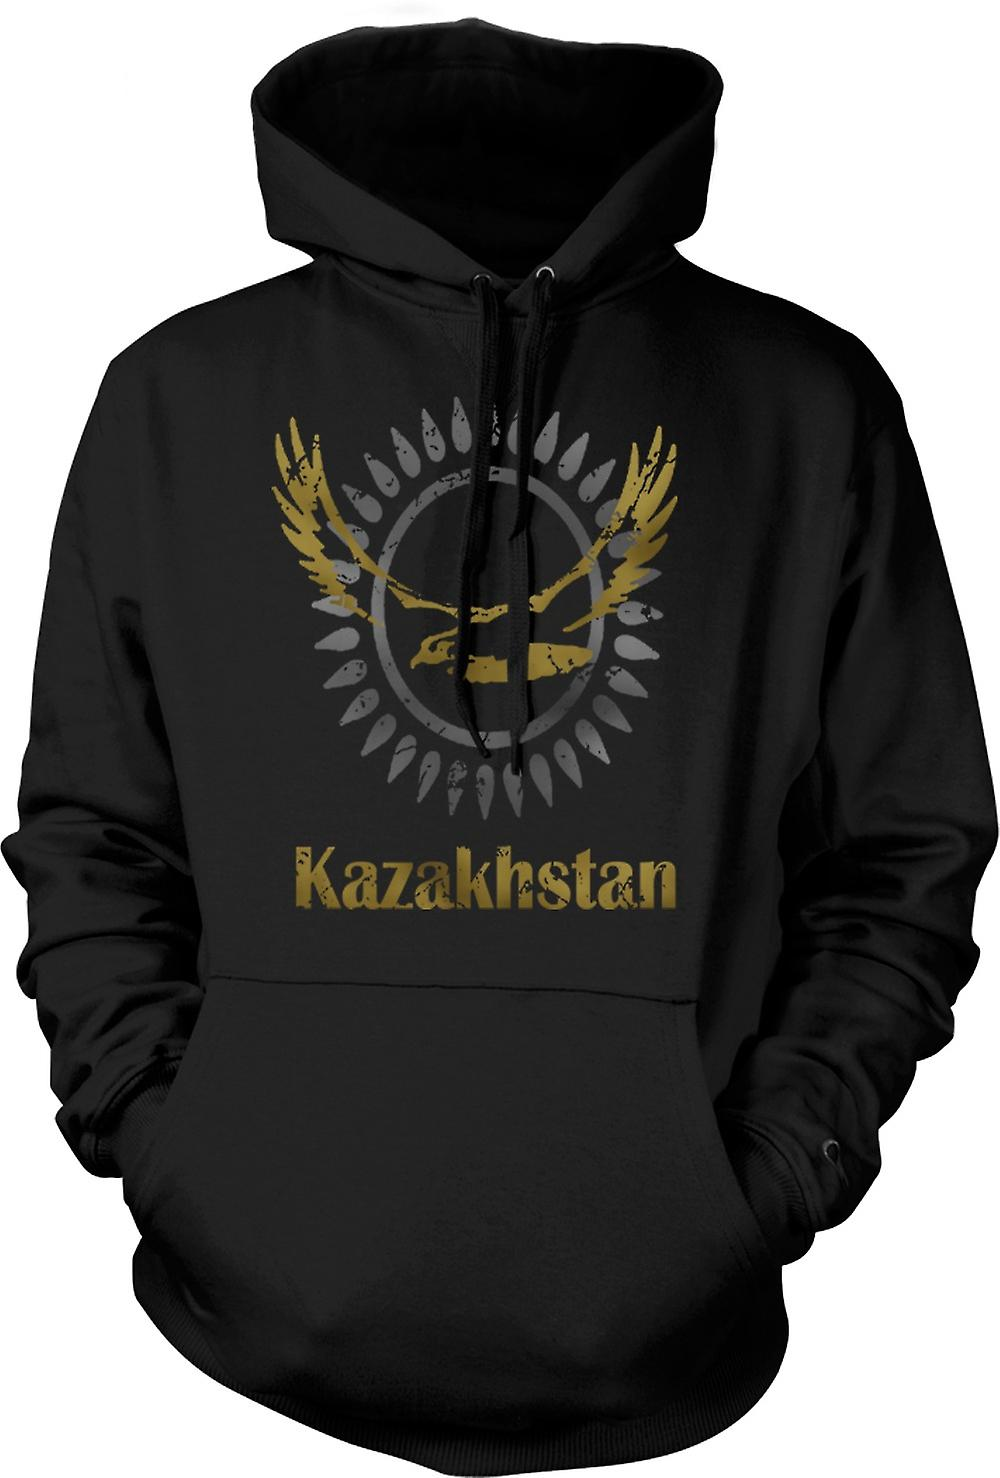 Barna hettegenser - Kasakhstan - Cool Design Funny